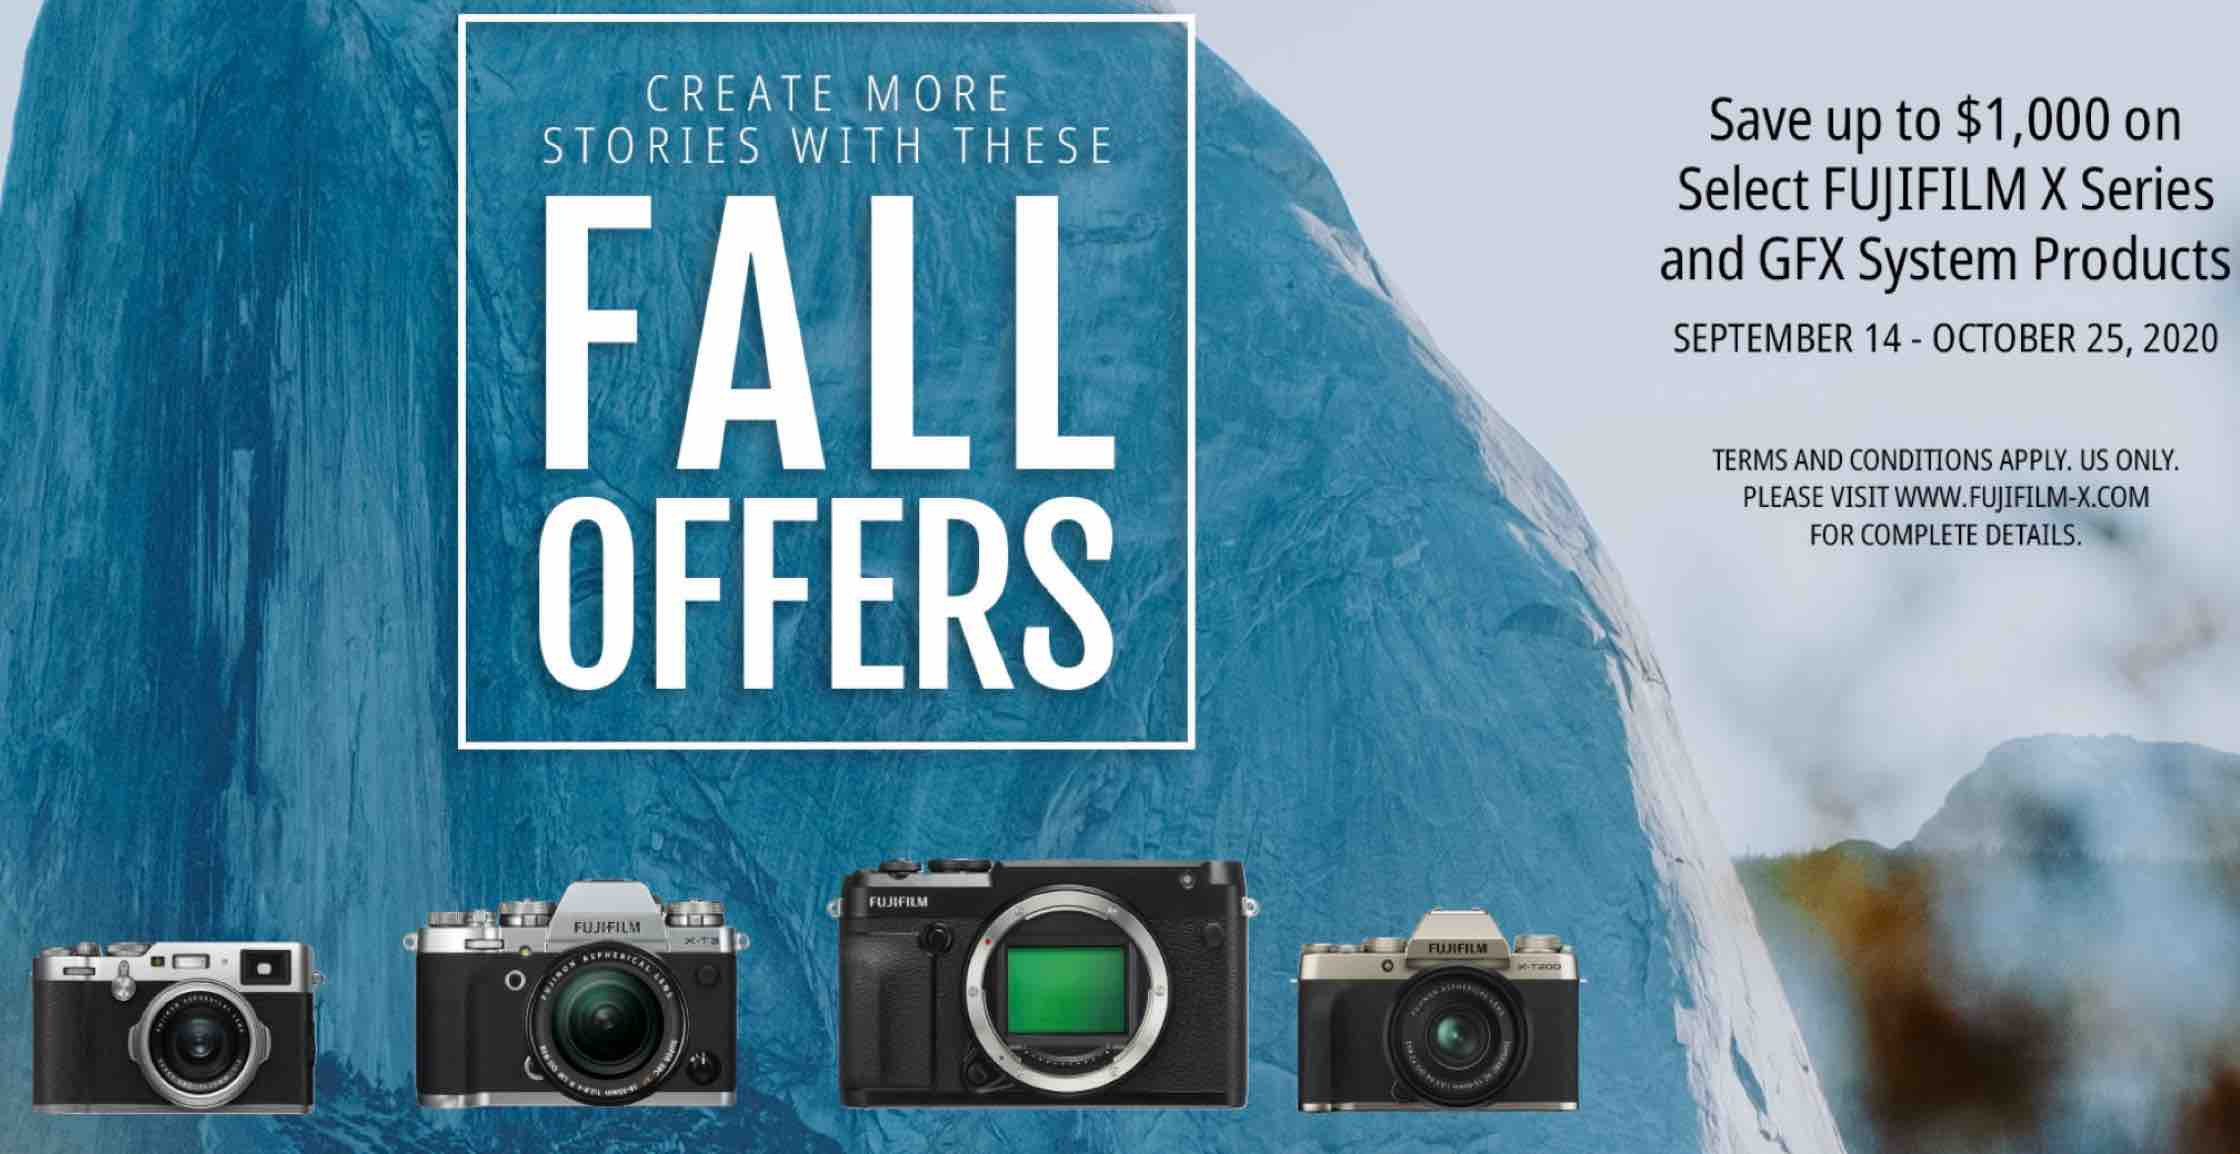 New Fujifilm Usa Fall Offers Save Big On Fujifilm X Gfx Gear Including 150 Price Drop On Xf56mmf1 2 Fuji Rumors